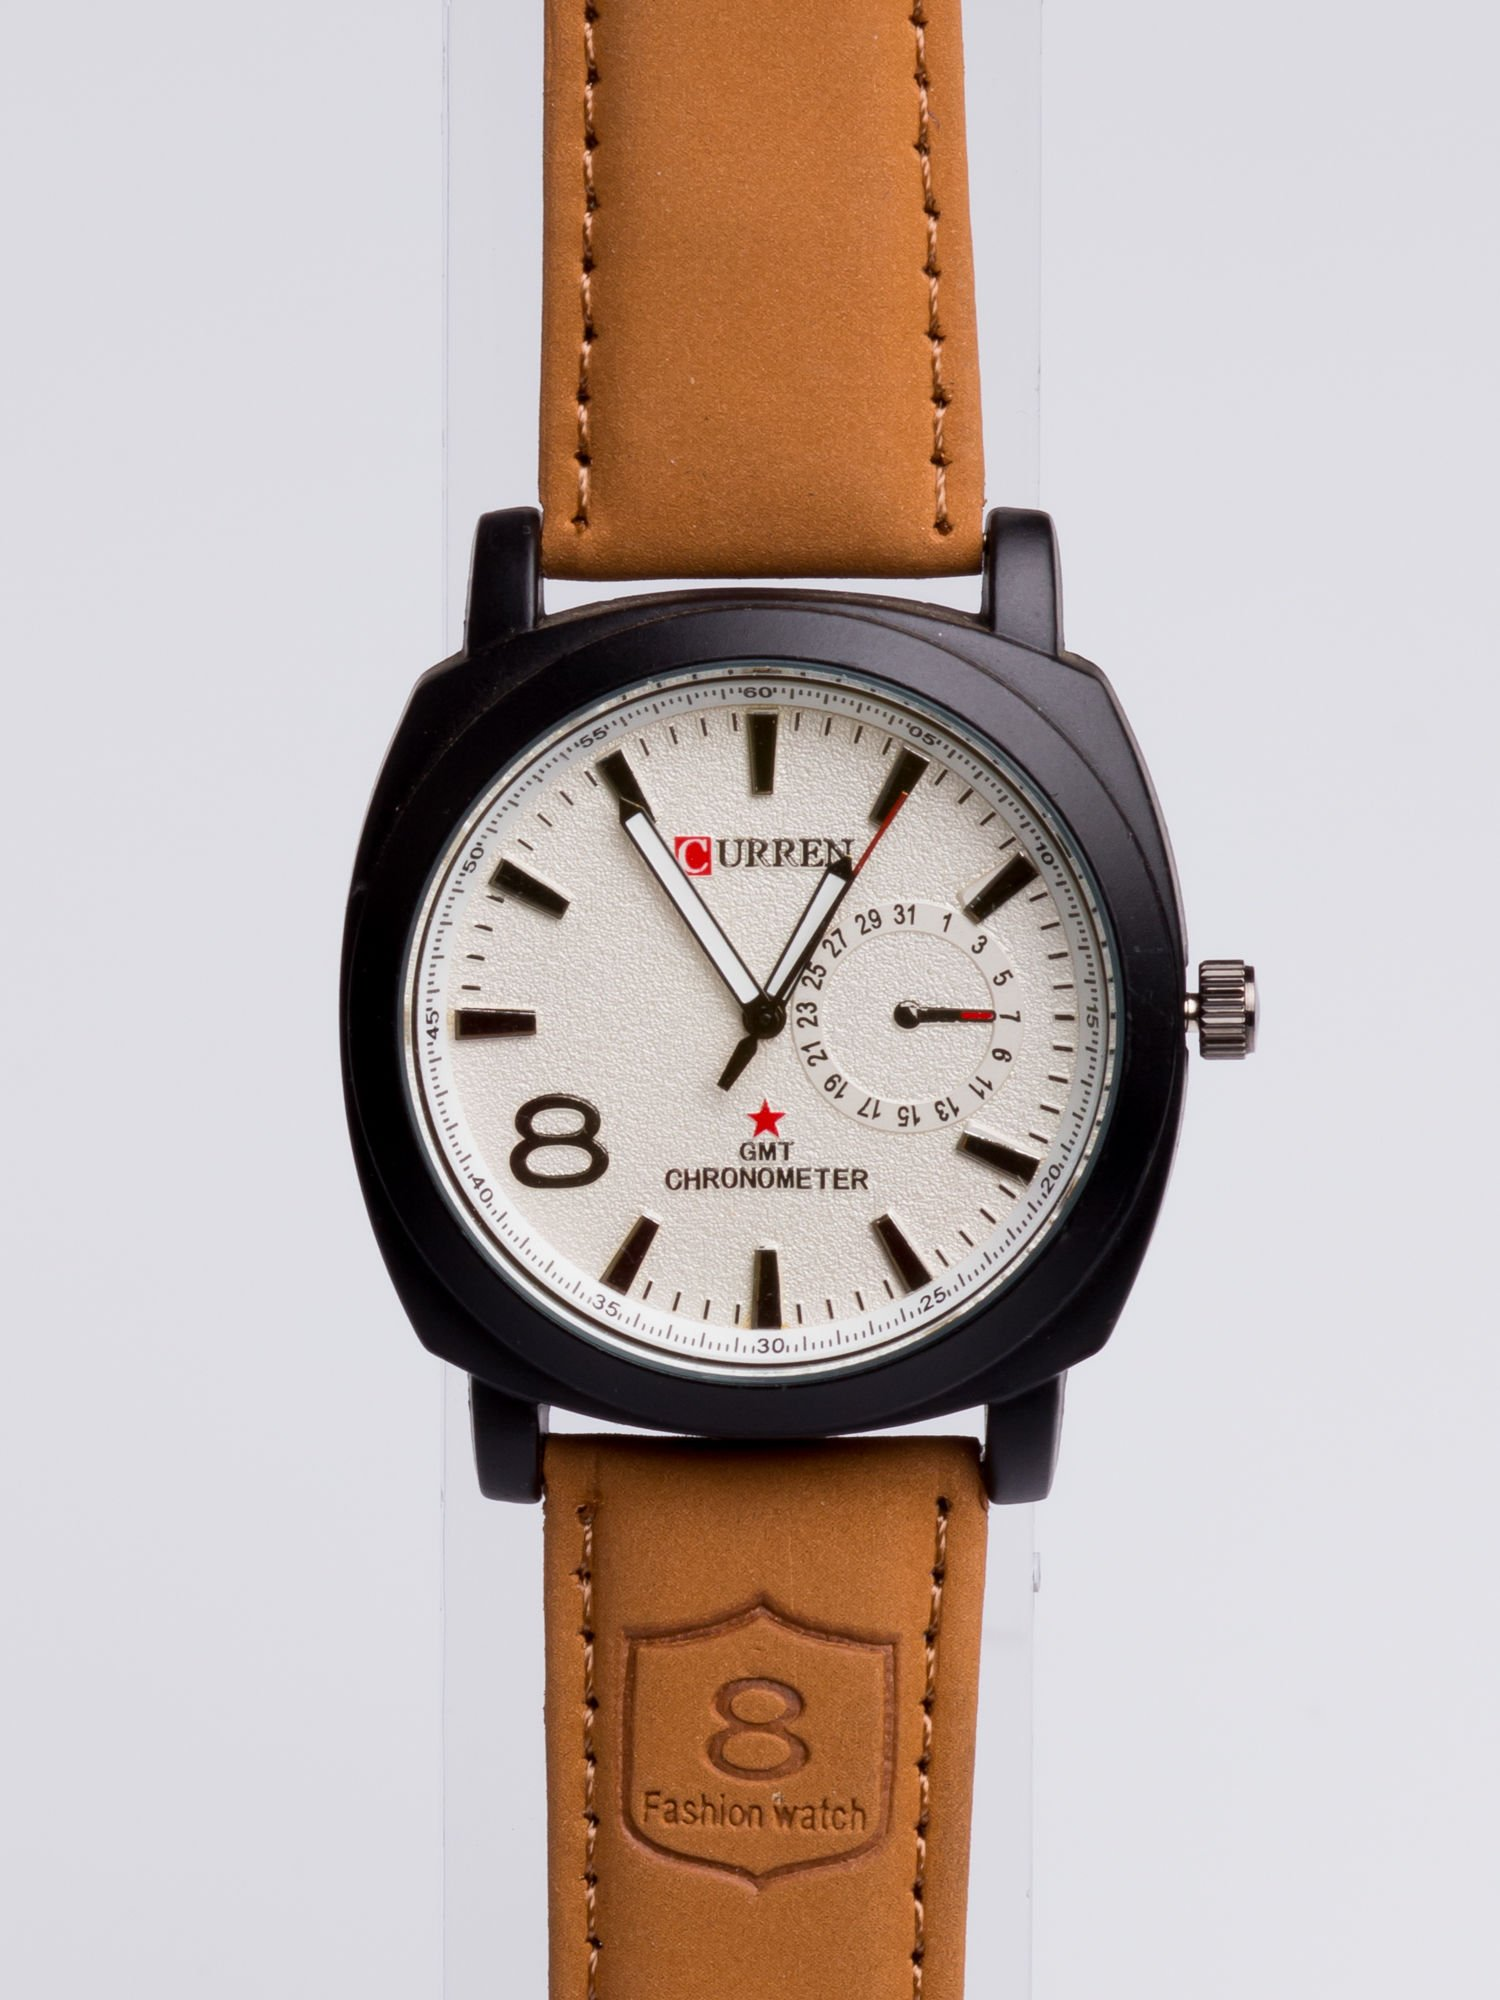 Dla Niego - Gustowny i nowoczesny piękny zegarek męski na skórzanym pasku                                  zdj.                                  3